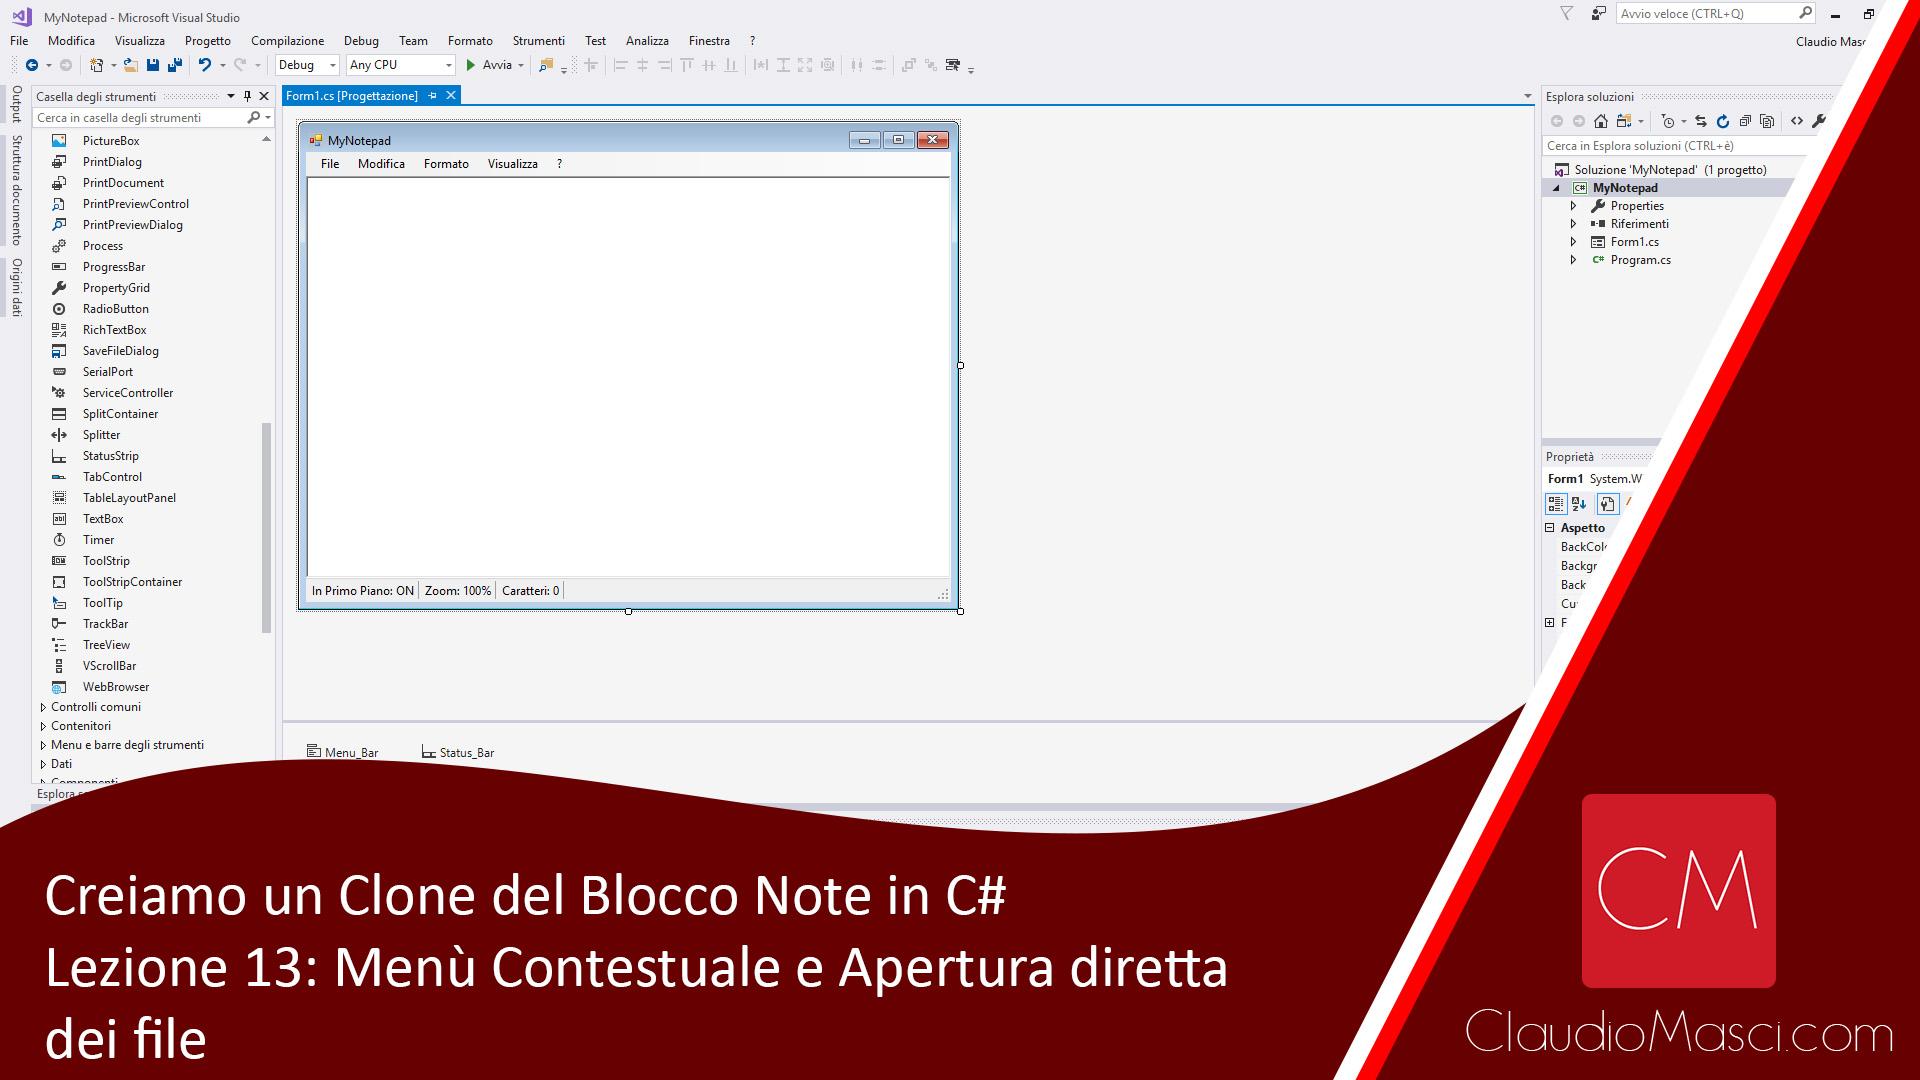 Creiamo un clone del Blocco Note in C# – Lezione 13: Il menù Contestuale e L'apertura diretta dei file